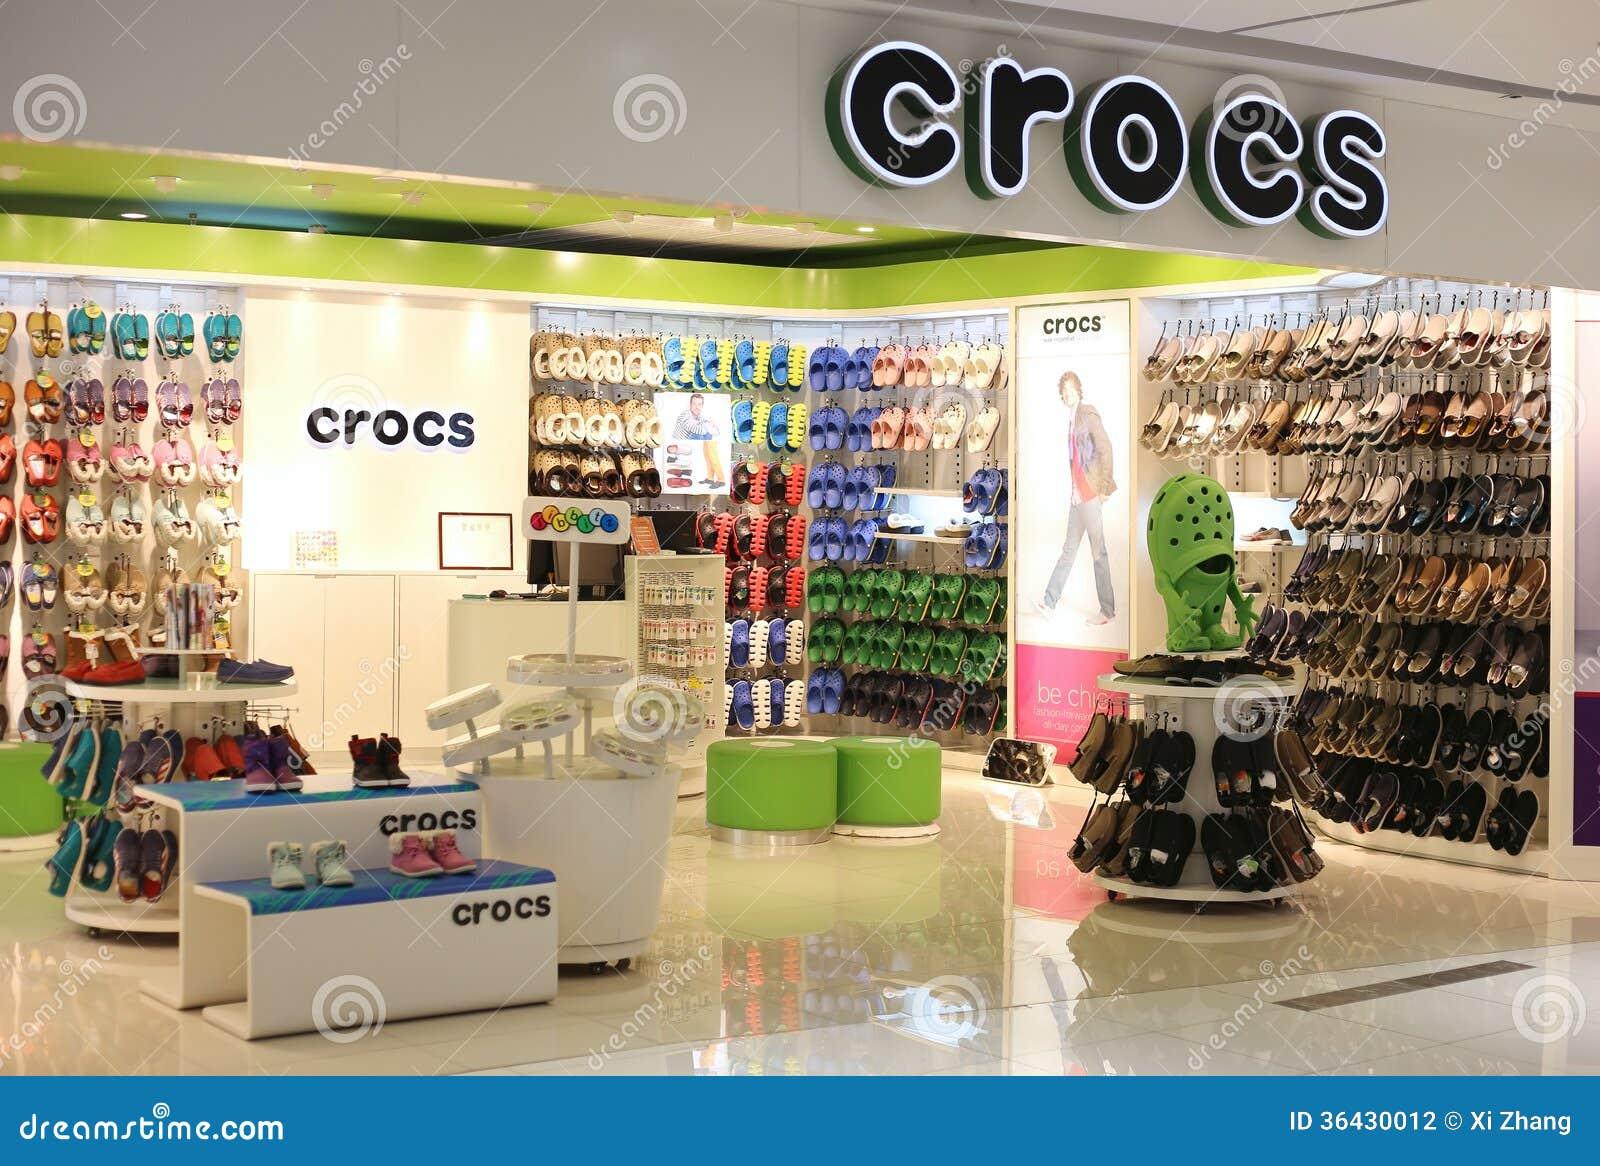 Crocs ÉditorialImage 36430012 Achats Du De Magasin Photographie uZXkiOP